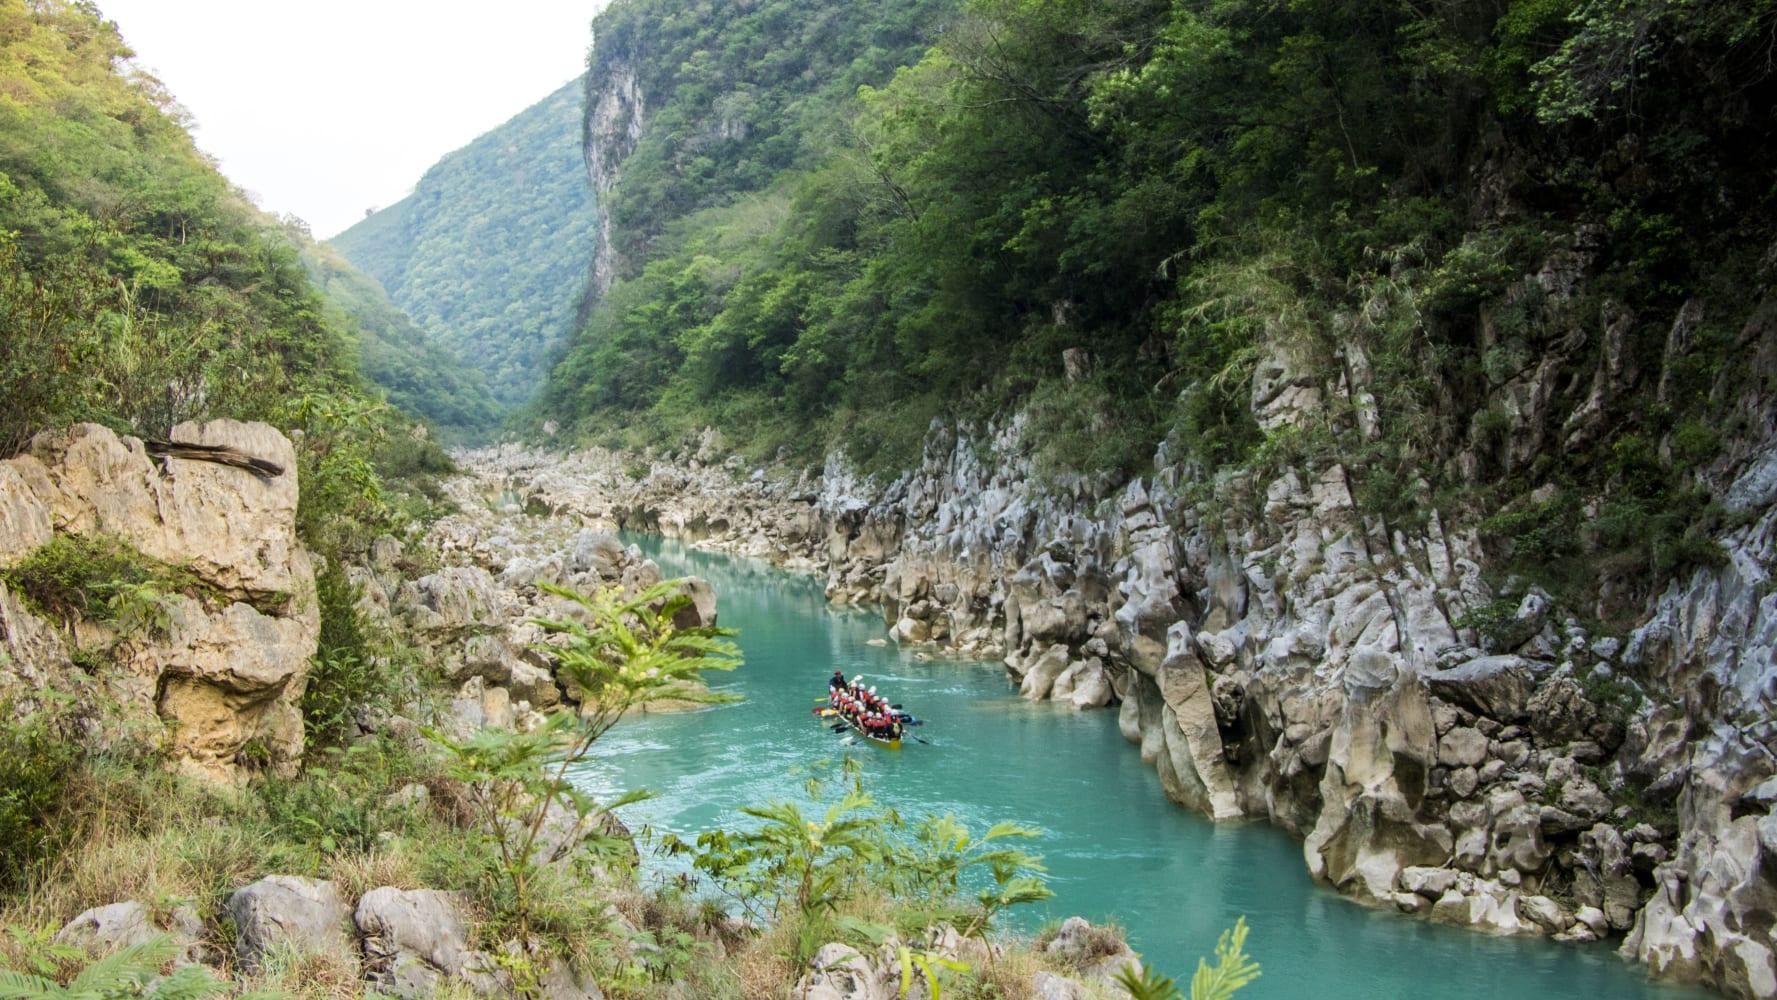 Tamul Waterfall Jdvaq8lbxpk6nn532evc